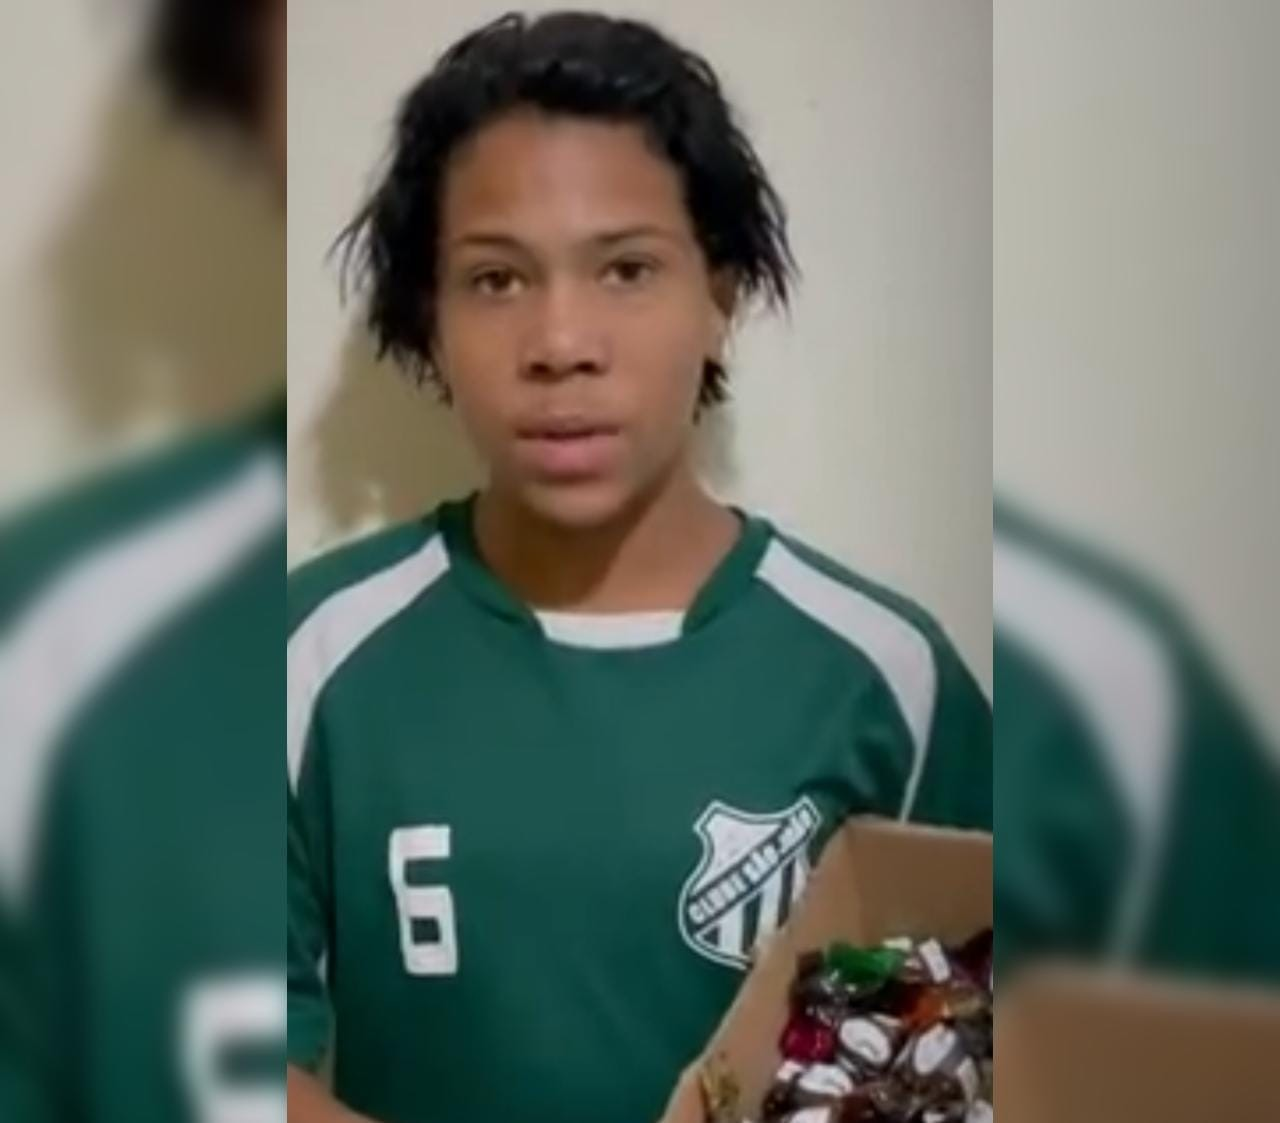 Menino que perdeu trufas ao receber nota falsa de R$ 100 ganha estágio em fábrica de chocolates: 'Grande oportunidade', diz mãe